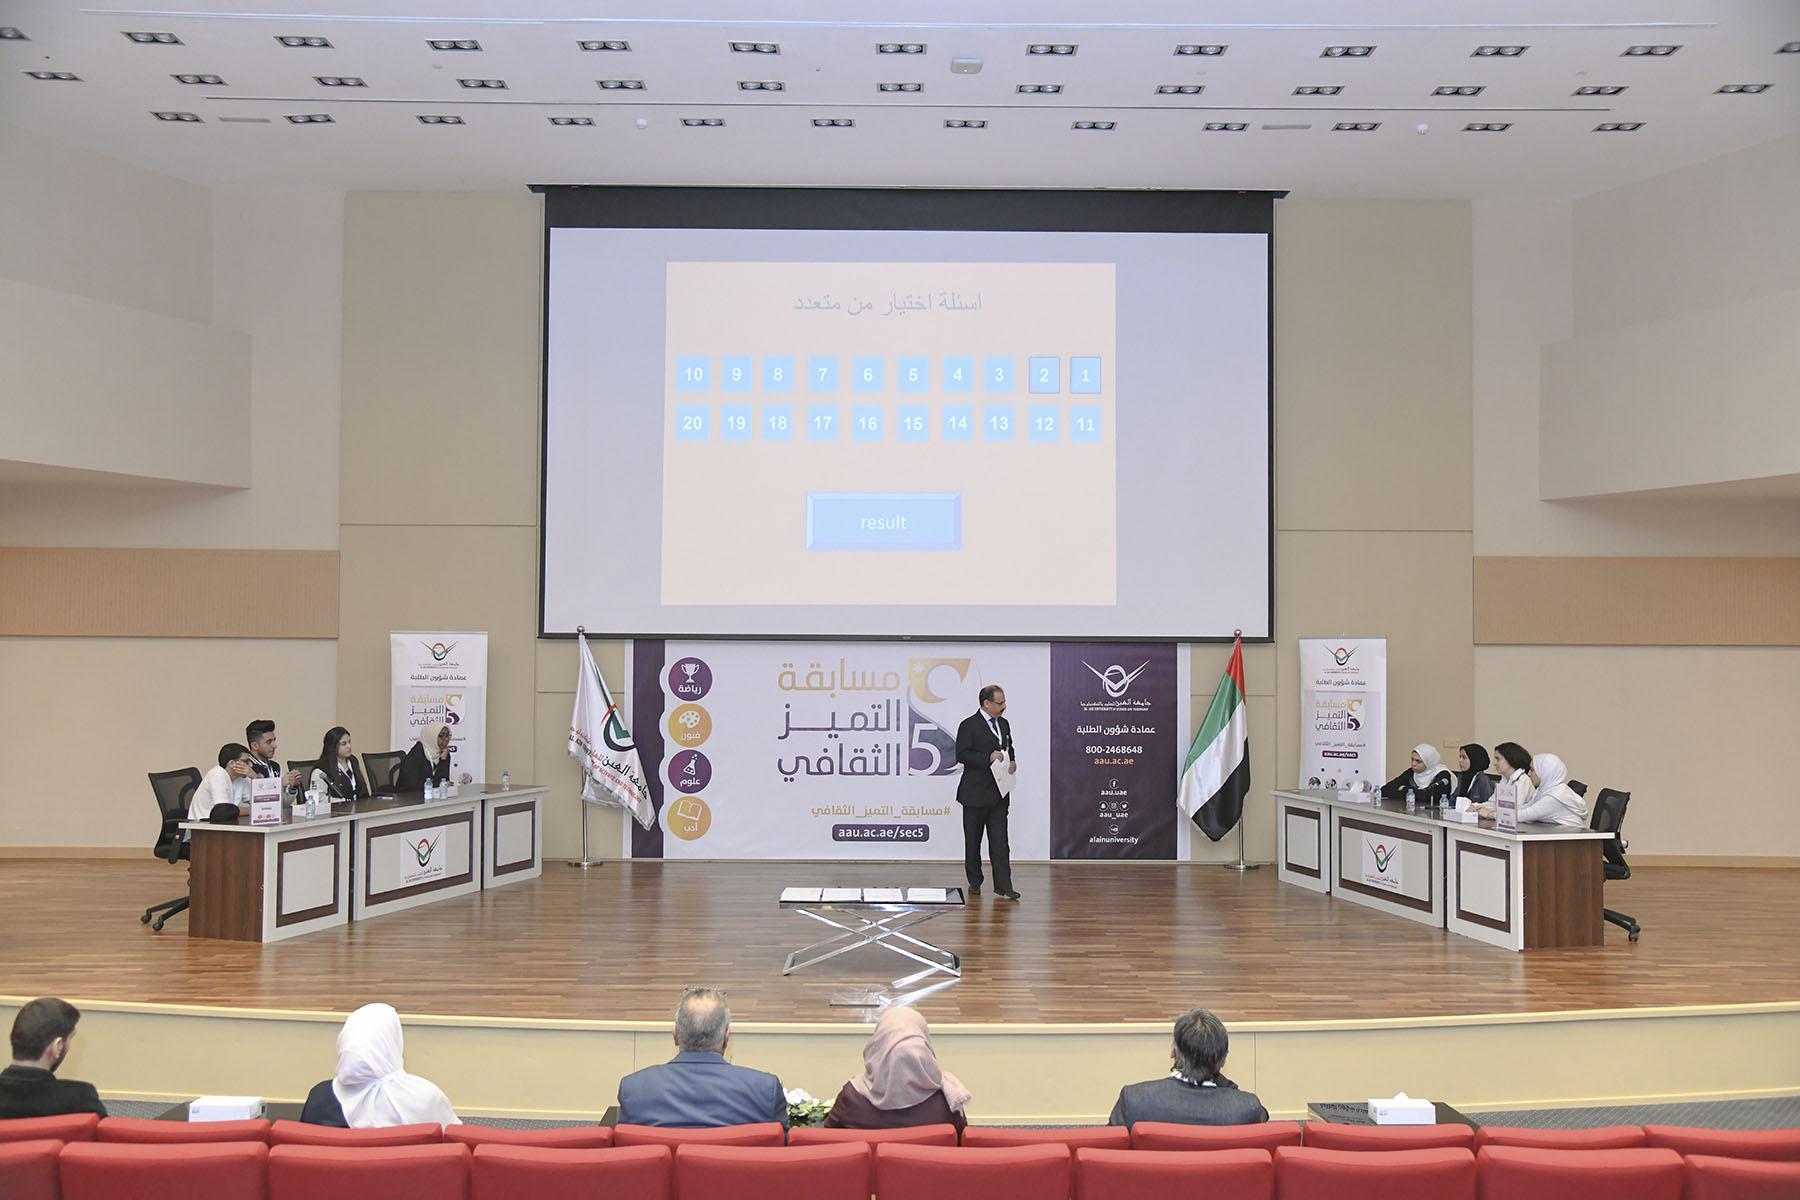 اليوم الأول (الإمارات الخاصة – أبوظبي ضد المعالي الدولية)